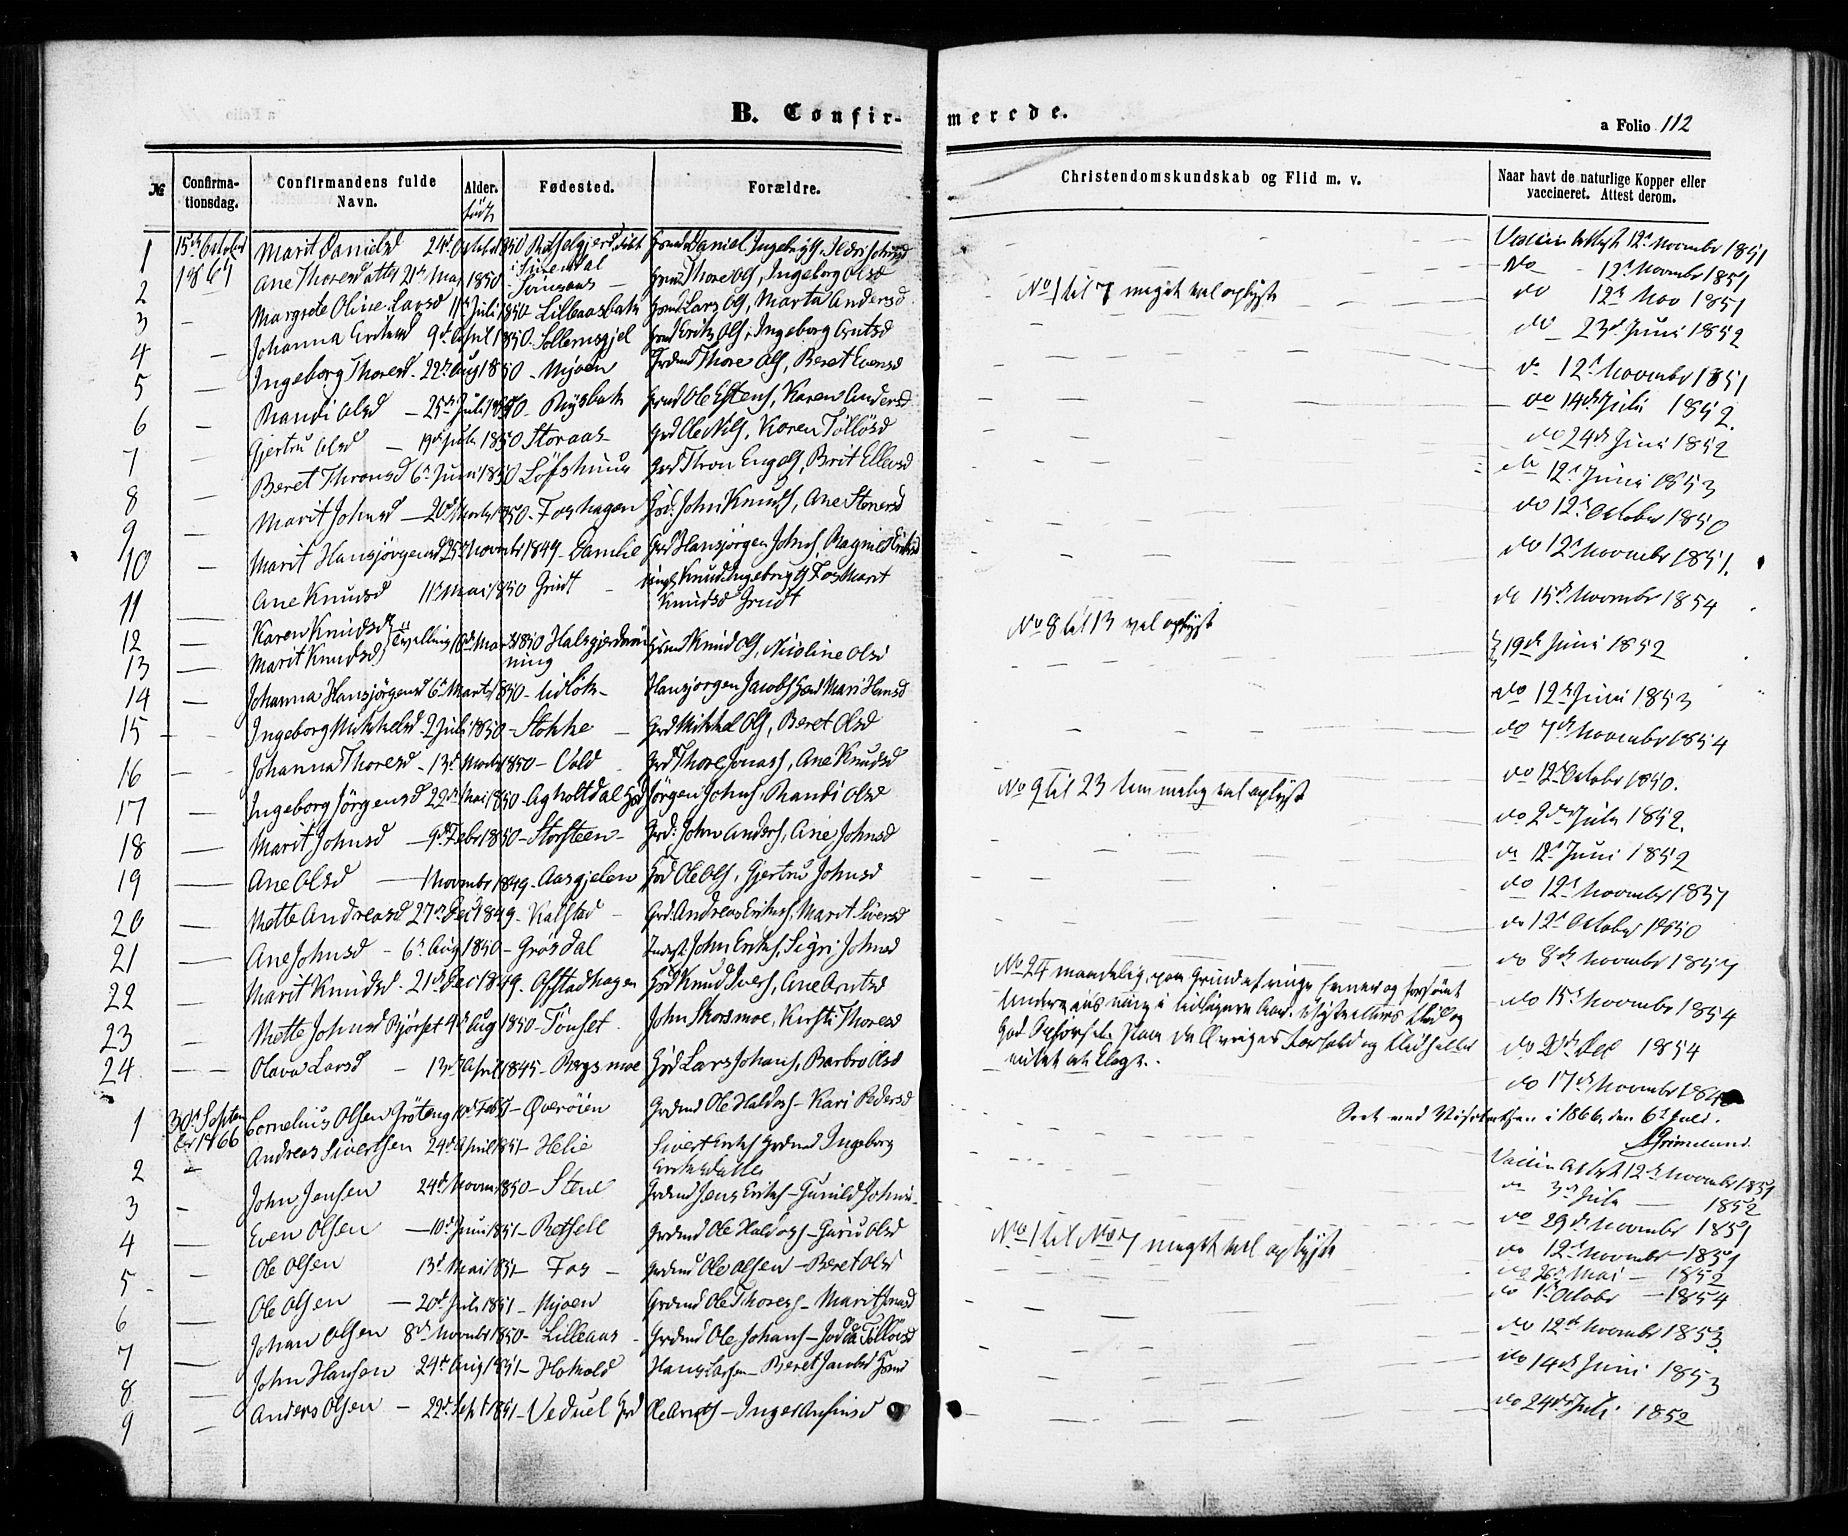 SAT, Ministerialprotokoller, klokkerbøker og fødselsregistre - Sør-Trøndelag, 672/L0856: Ministerialbok nr. 672A08, 1861-1881, s. 112